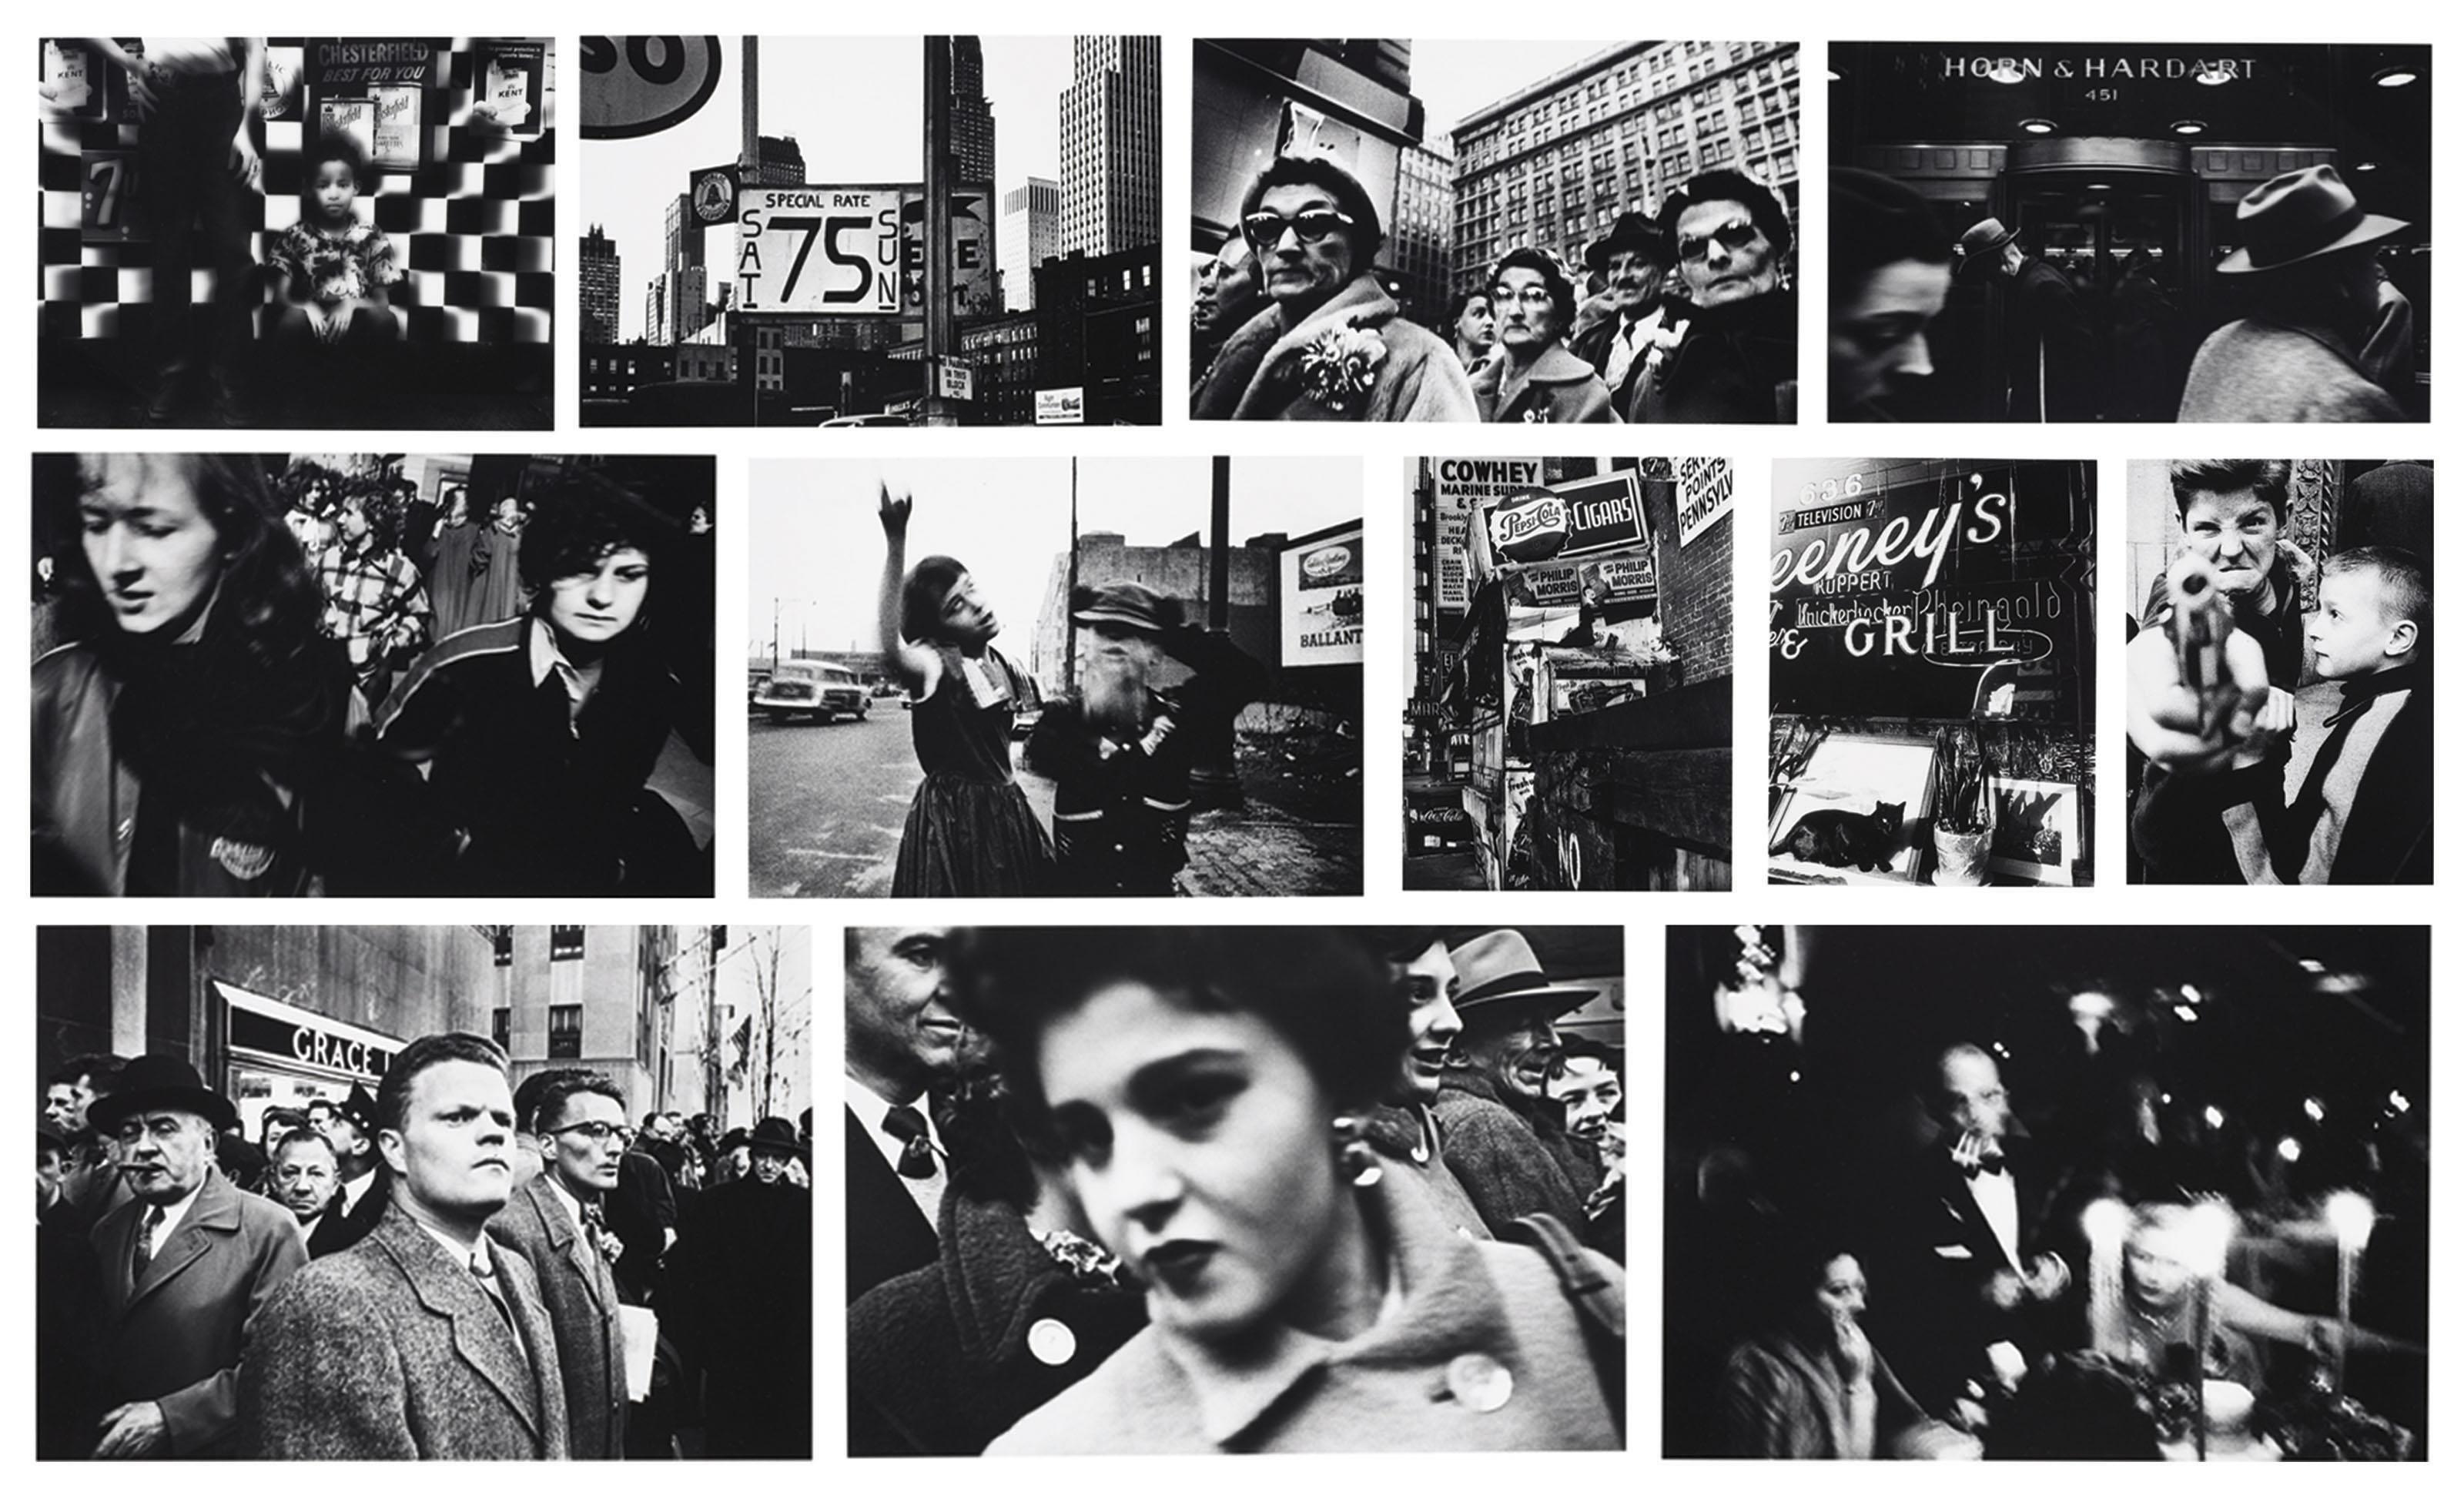 William Klein: New York 54/55